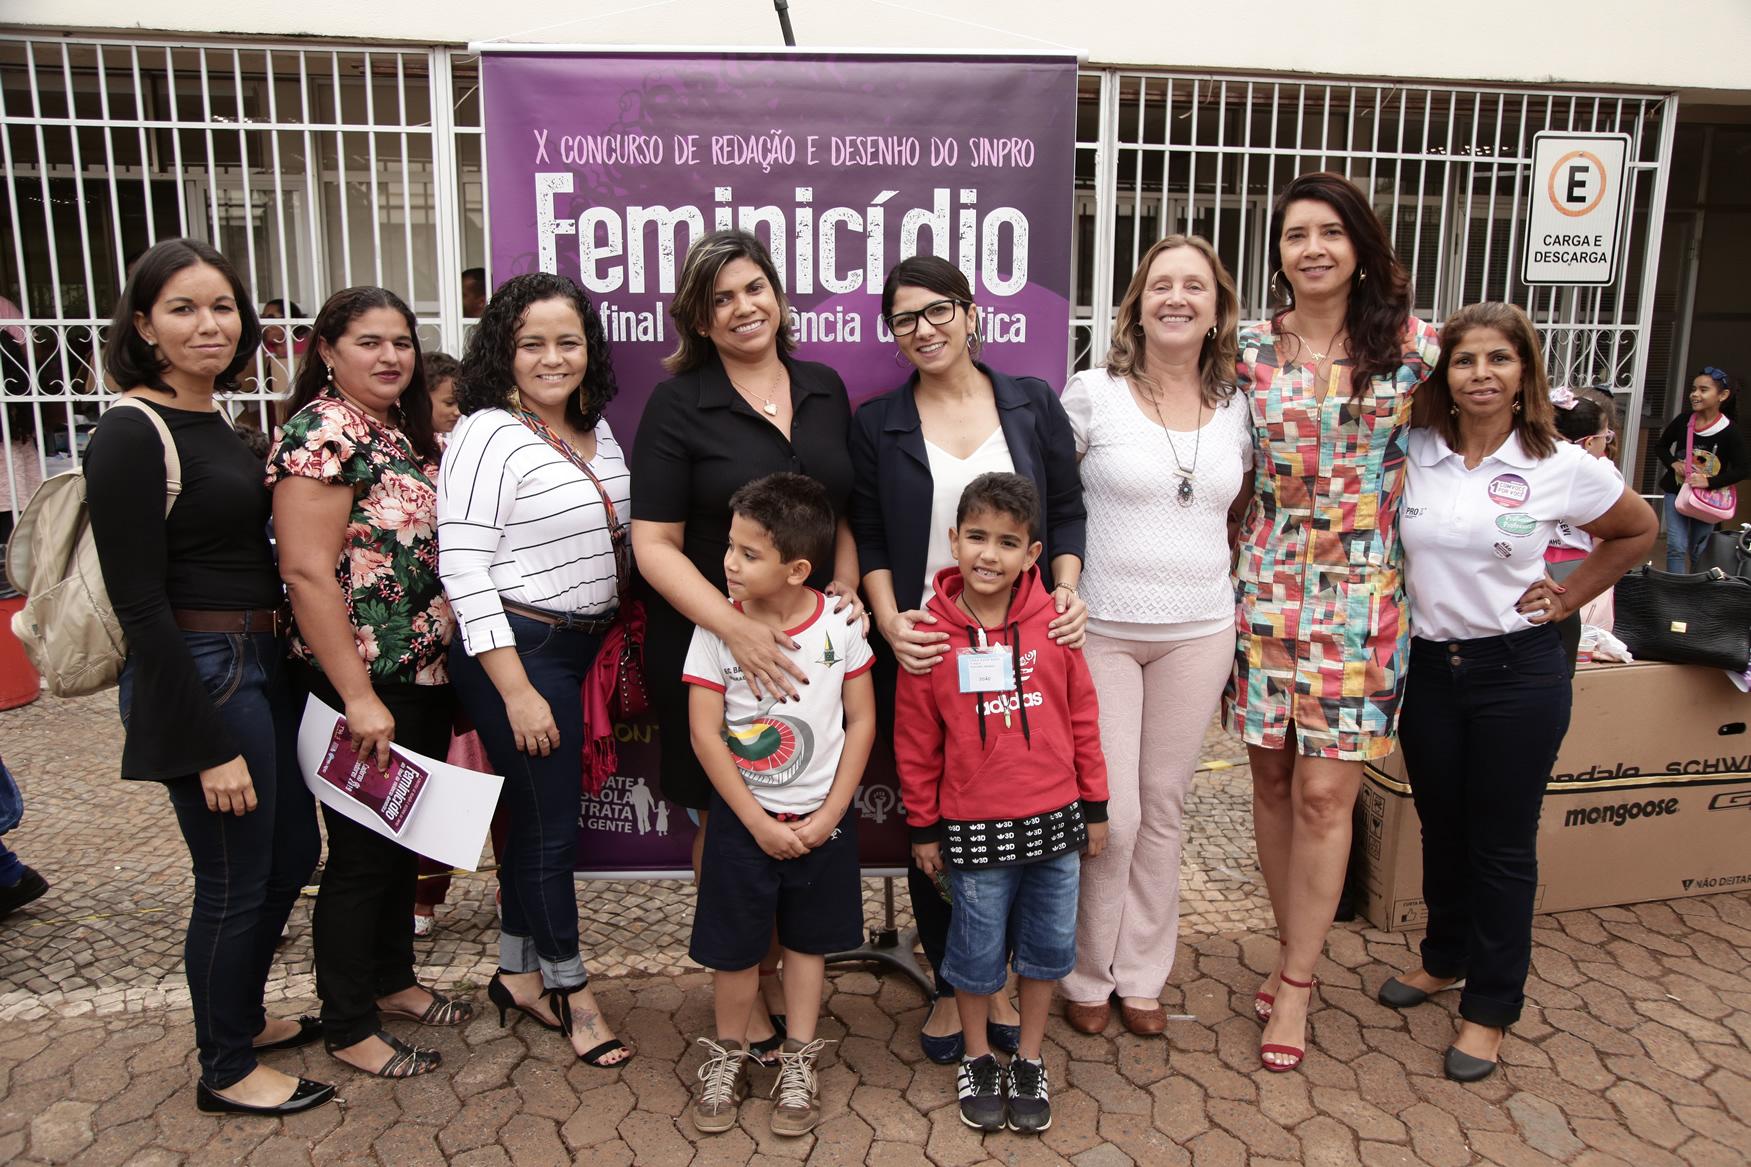 2019.05.19-Premiacao-do-X-Concurso-de-Redacao-do-Sinpro-DF_fotos-ECOM-7